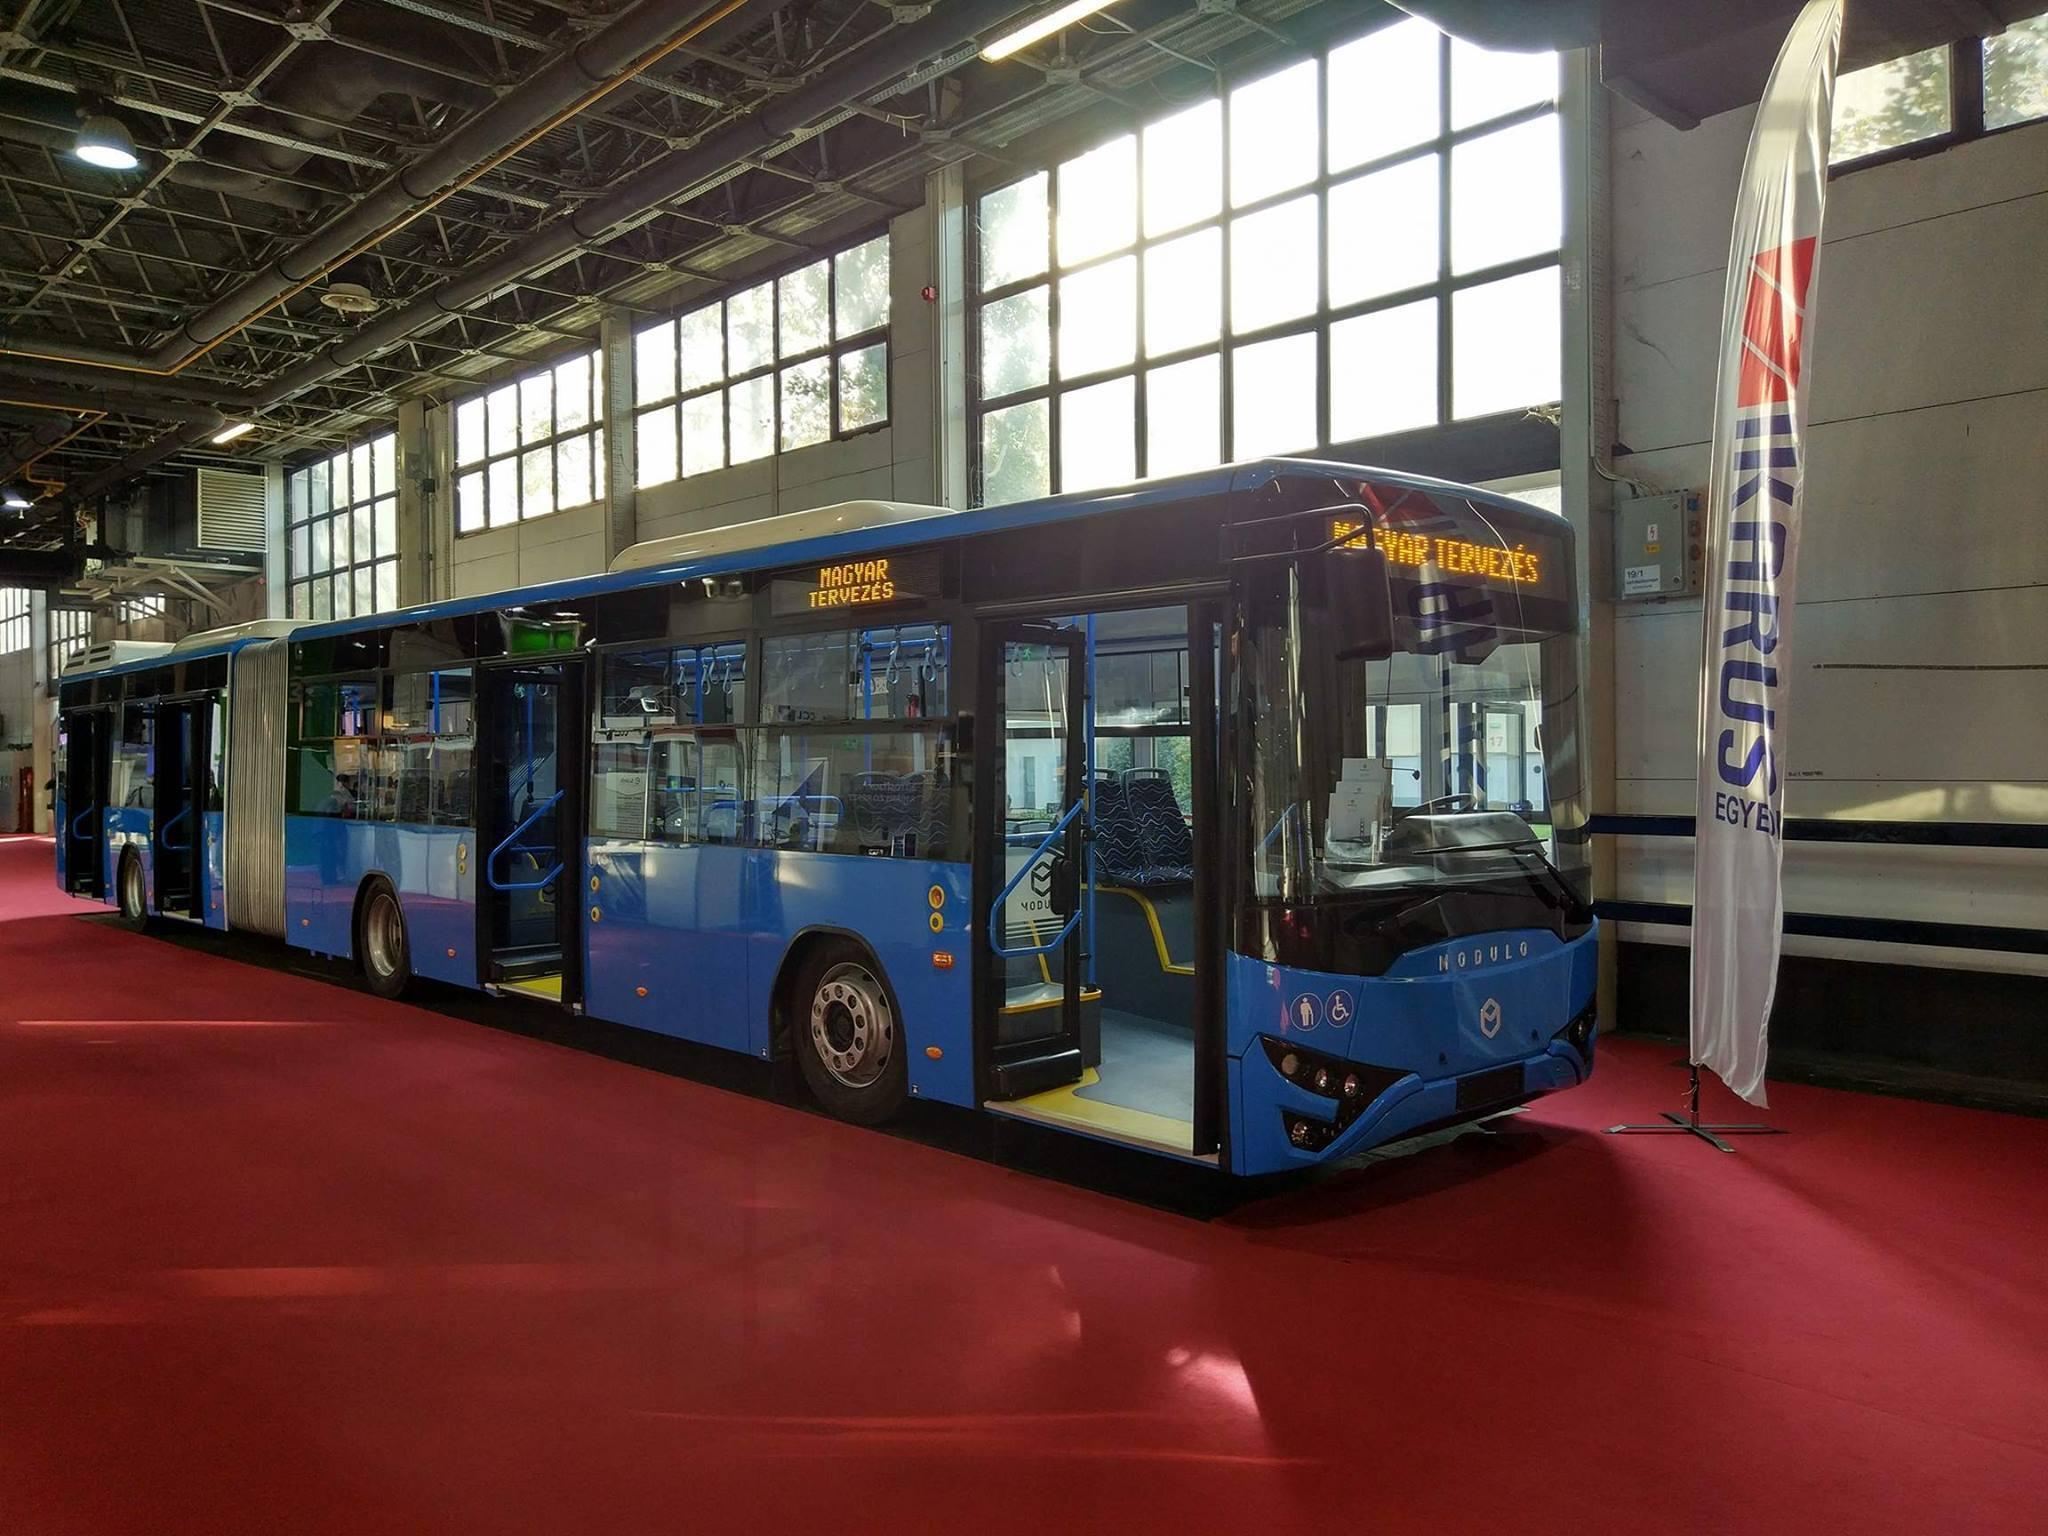 Itt tart az egy éve bejelentett Buszgyártási Stratégia: kész az első metrópótló busz a 180-ból